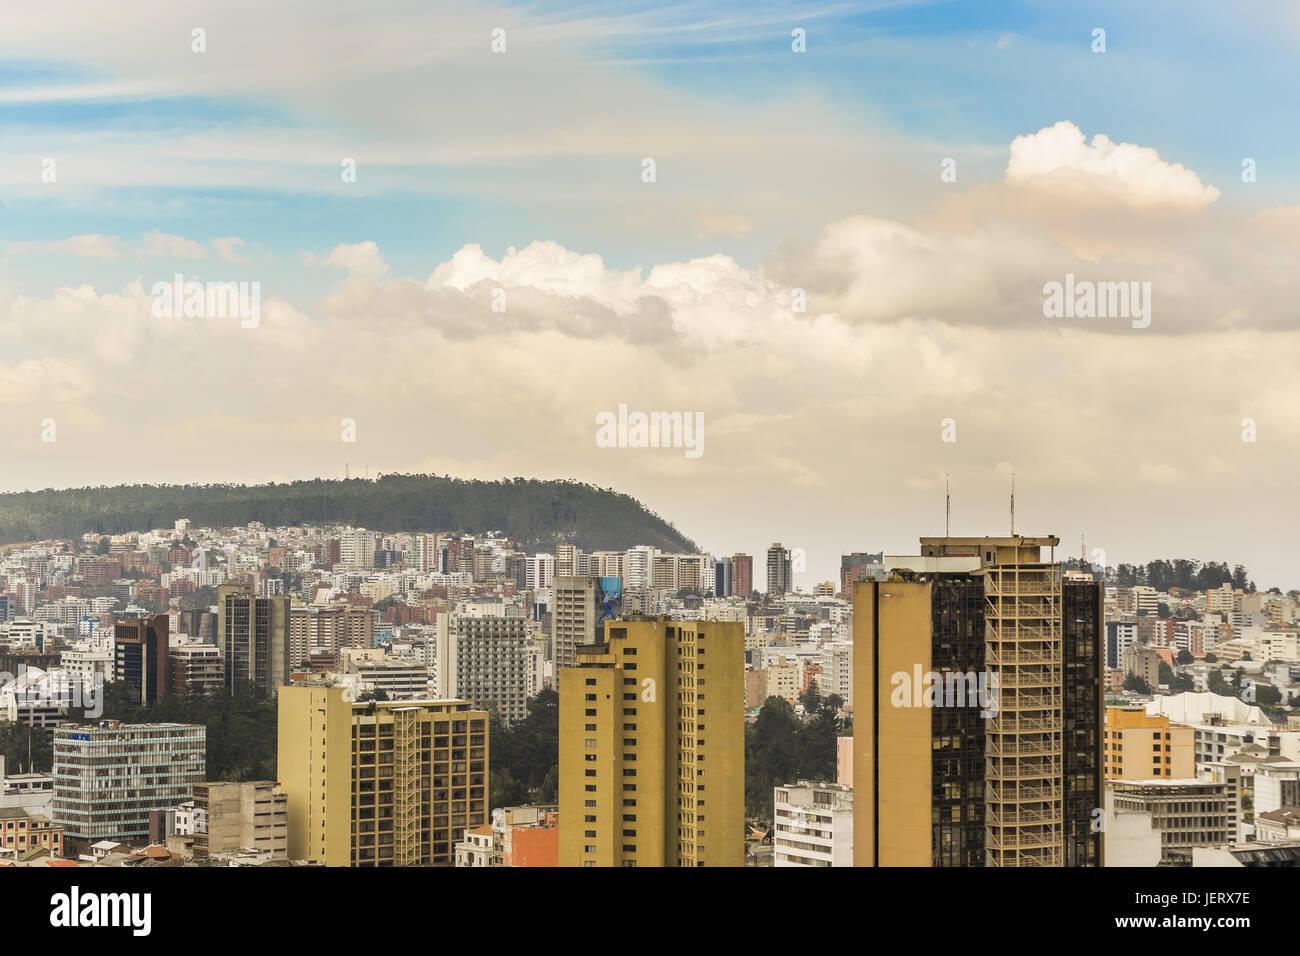 Cityscape Vue aérienne de Quito Equateur Photo Stock